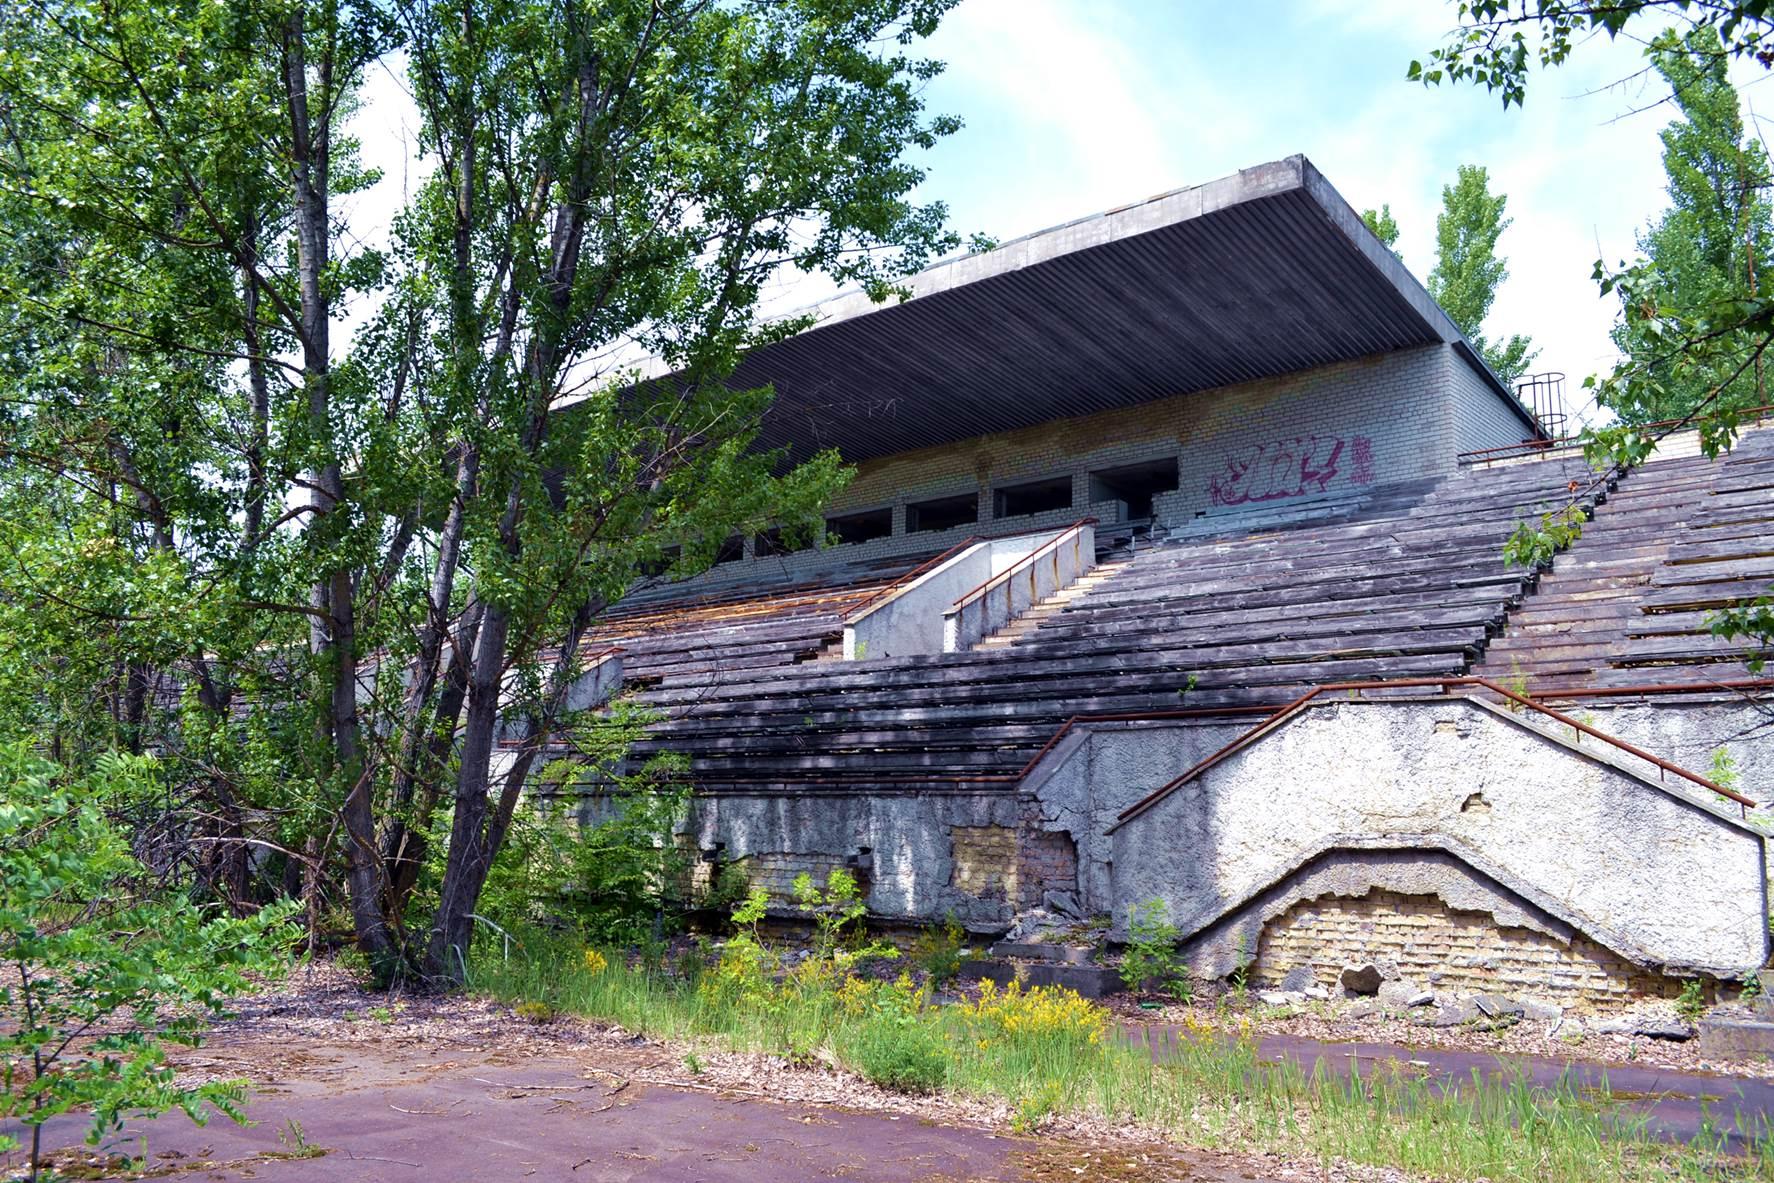 chernobyl_ucrania_pripyat_6